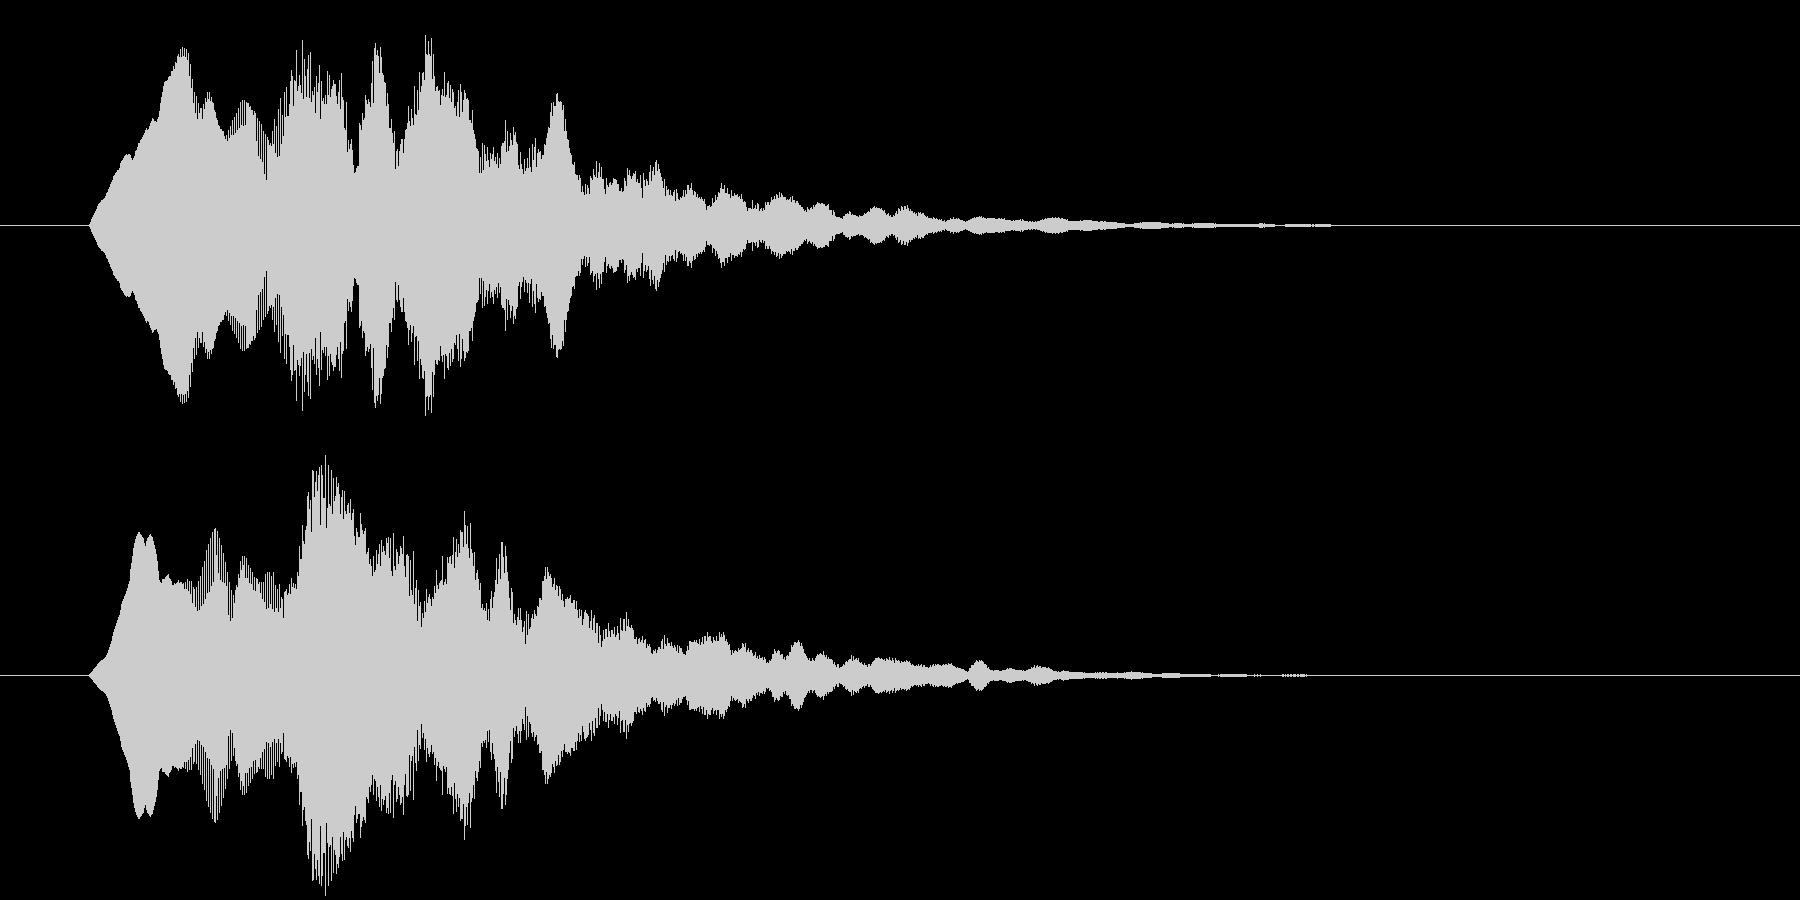 サウンドロゴ  ティラリ 明るすぎないの未再生の波形